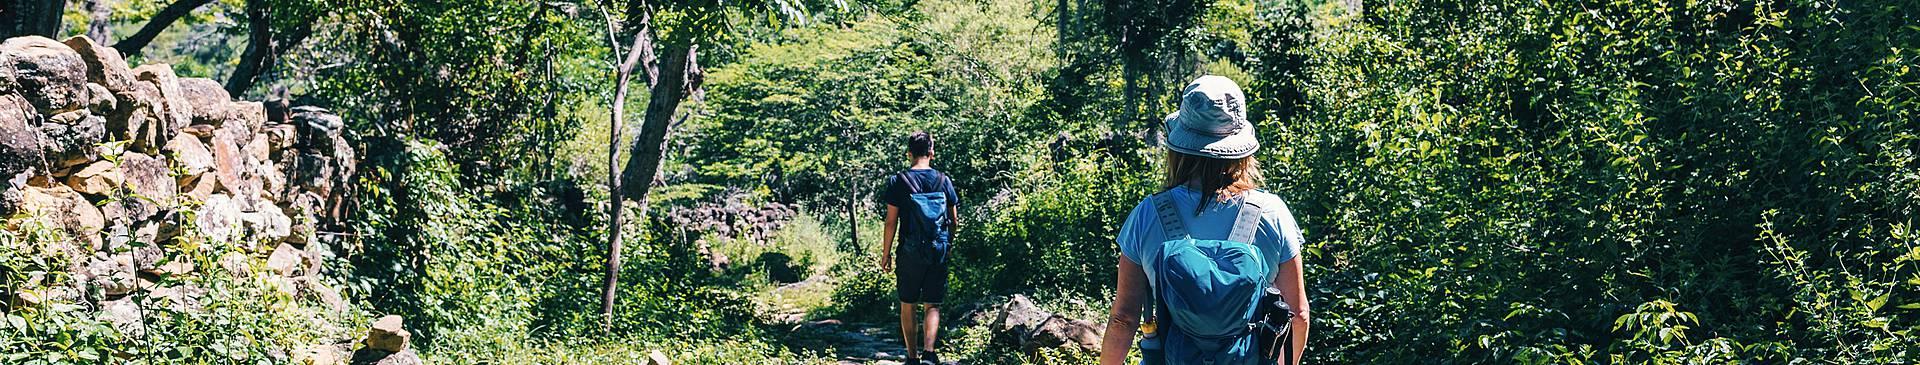 Viaggi di gruppo in Colombia